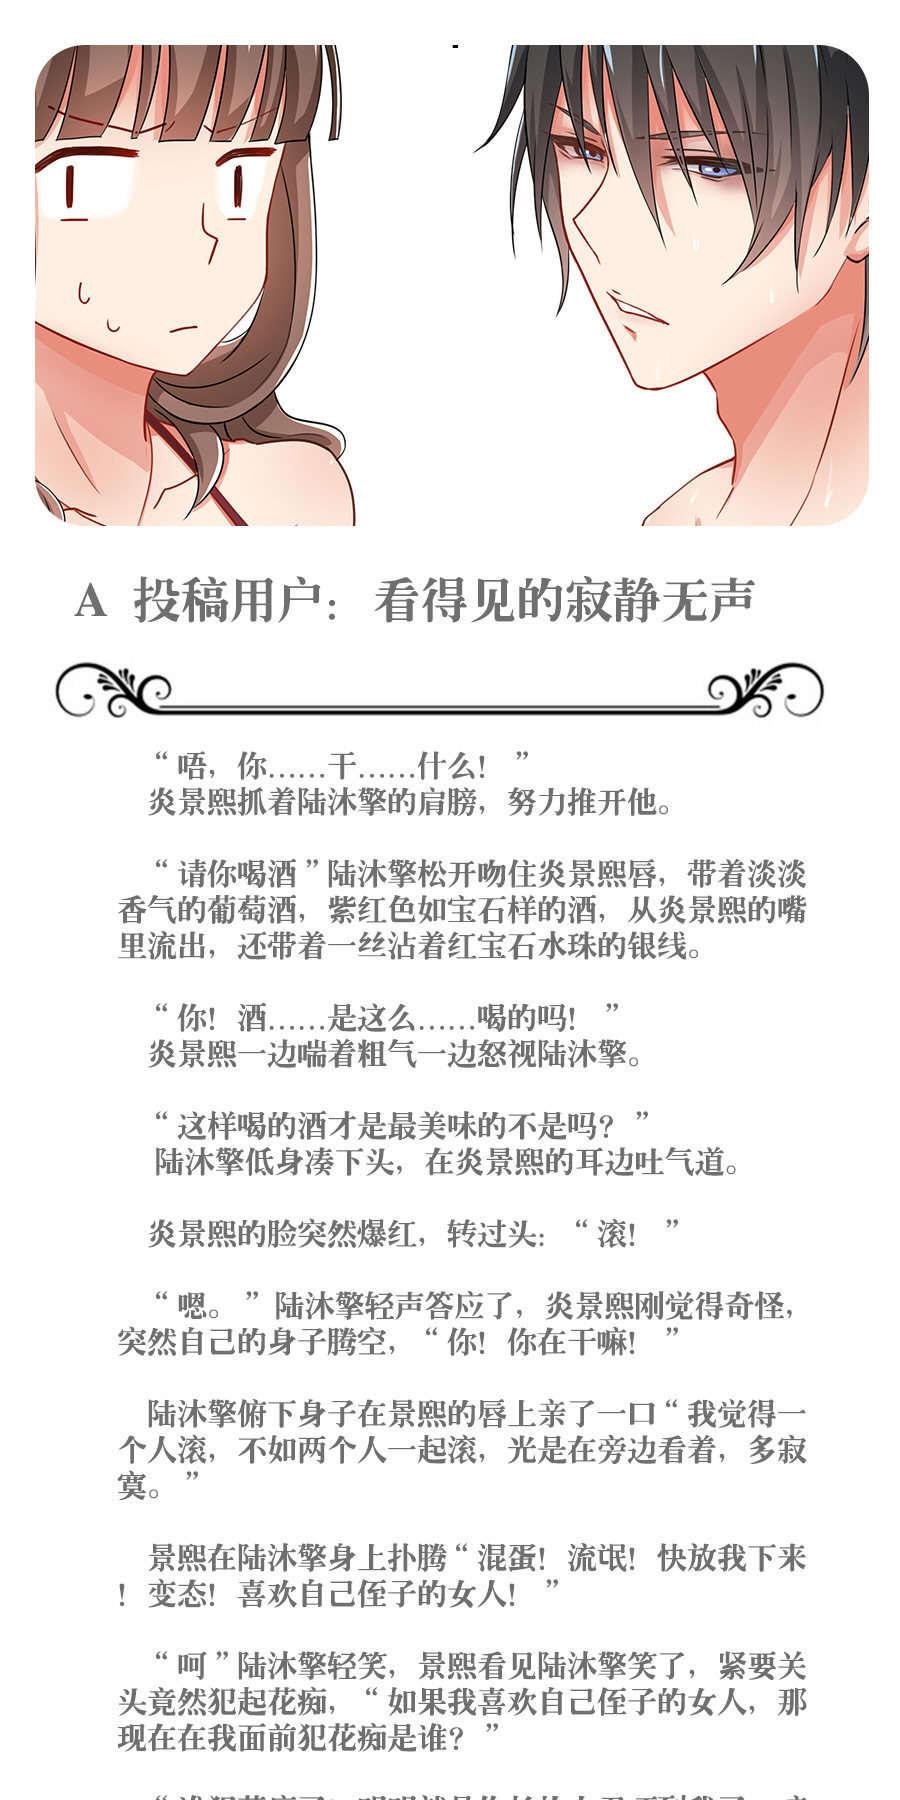 指染成婚第62话  【活动】同人文PK大赛 第 1